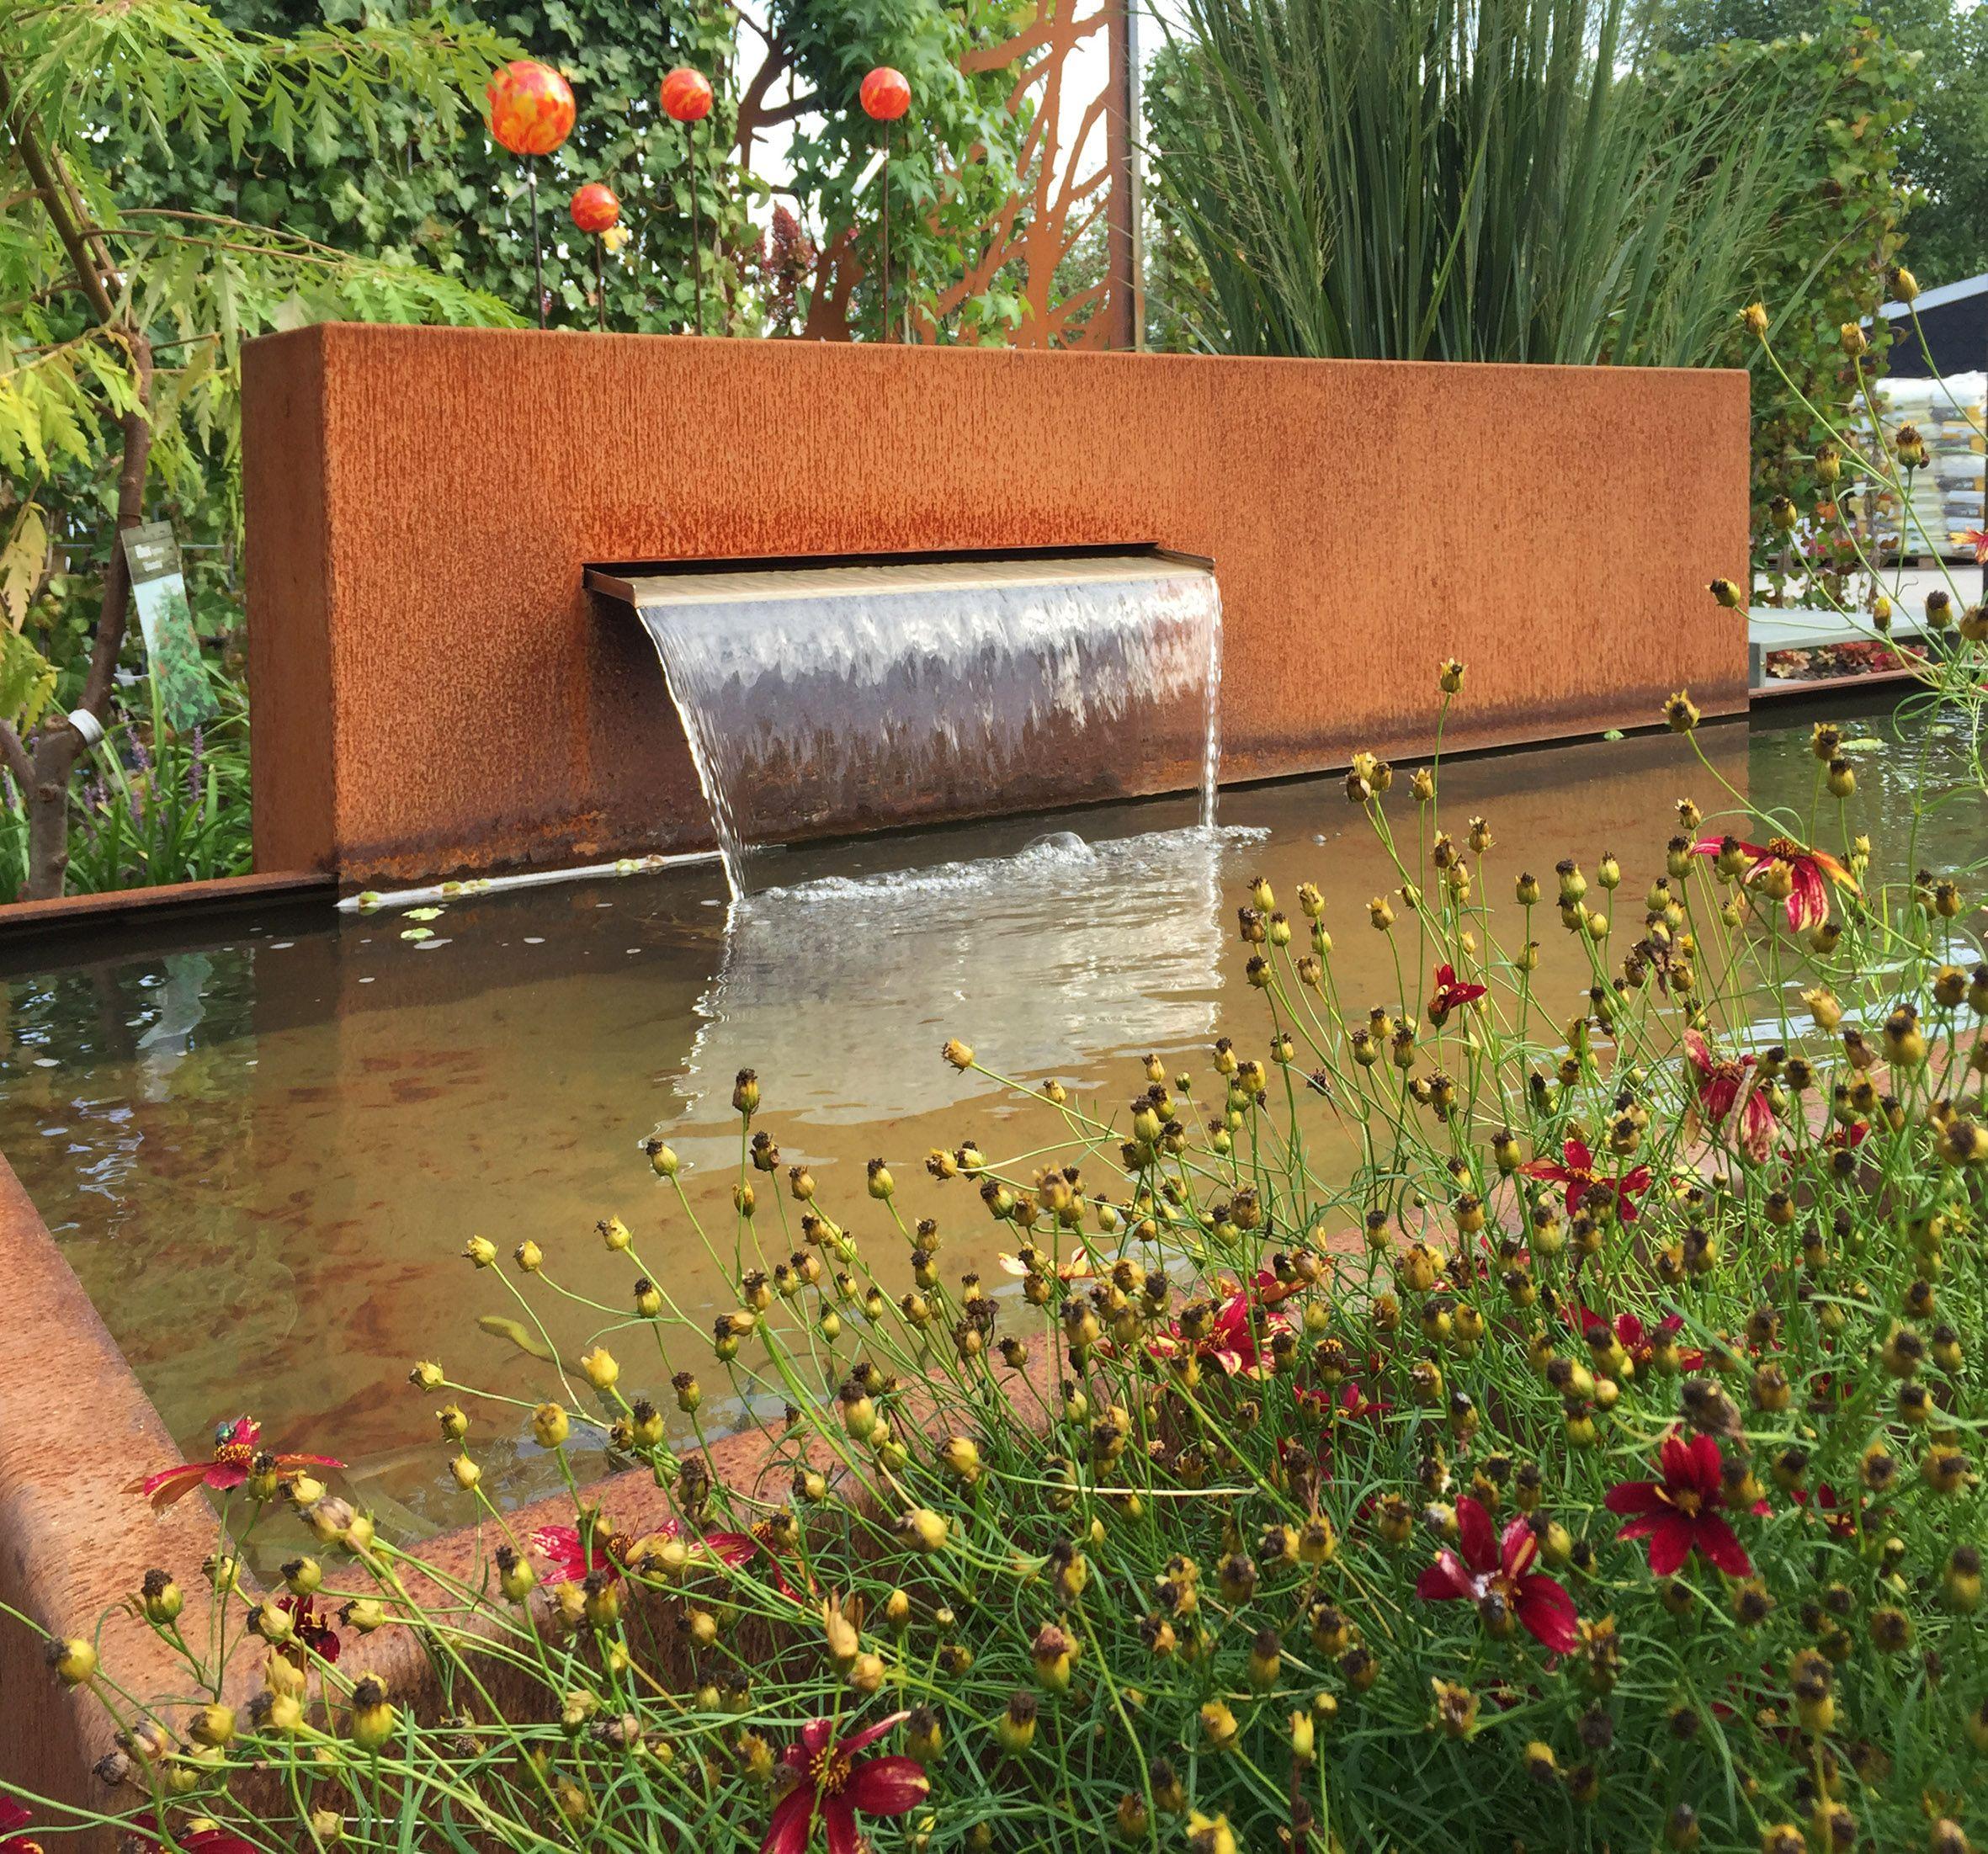 Brunnen Und Wasserspiele Fur Den Garten Aus Rost Corten Oder Edelstahl Wasserspiel Garten Brunnen Garten Sichtschutzwand Garten